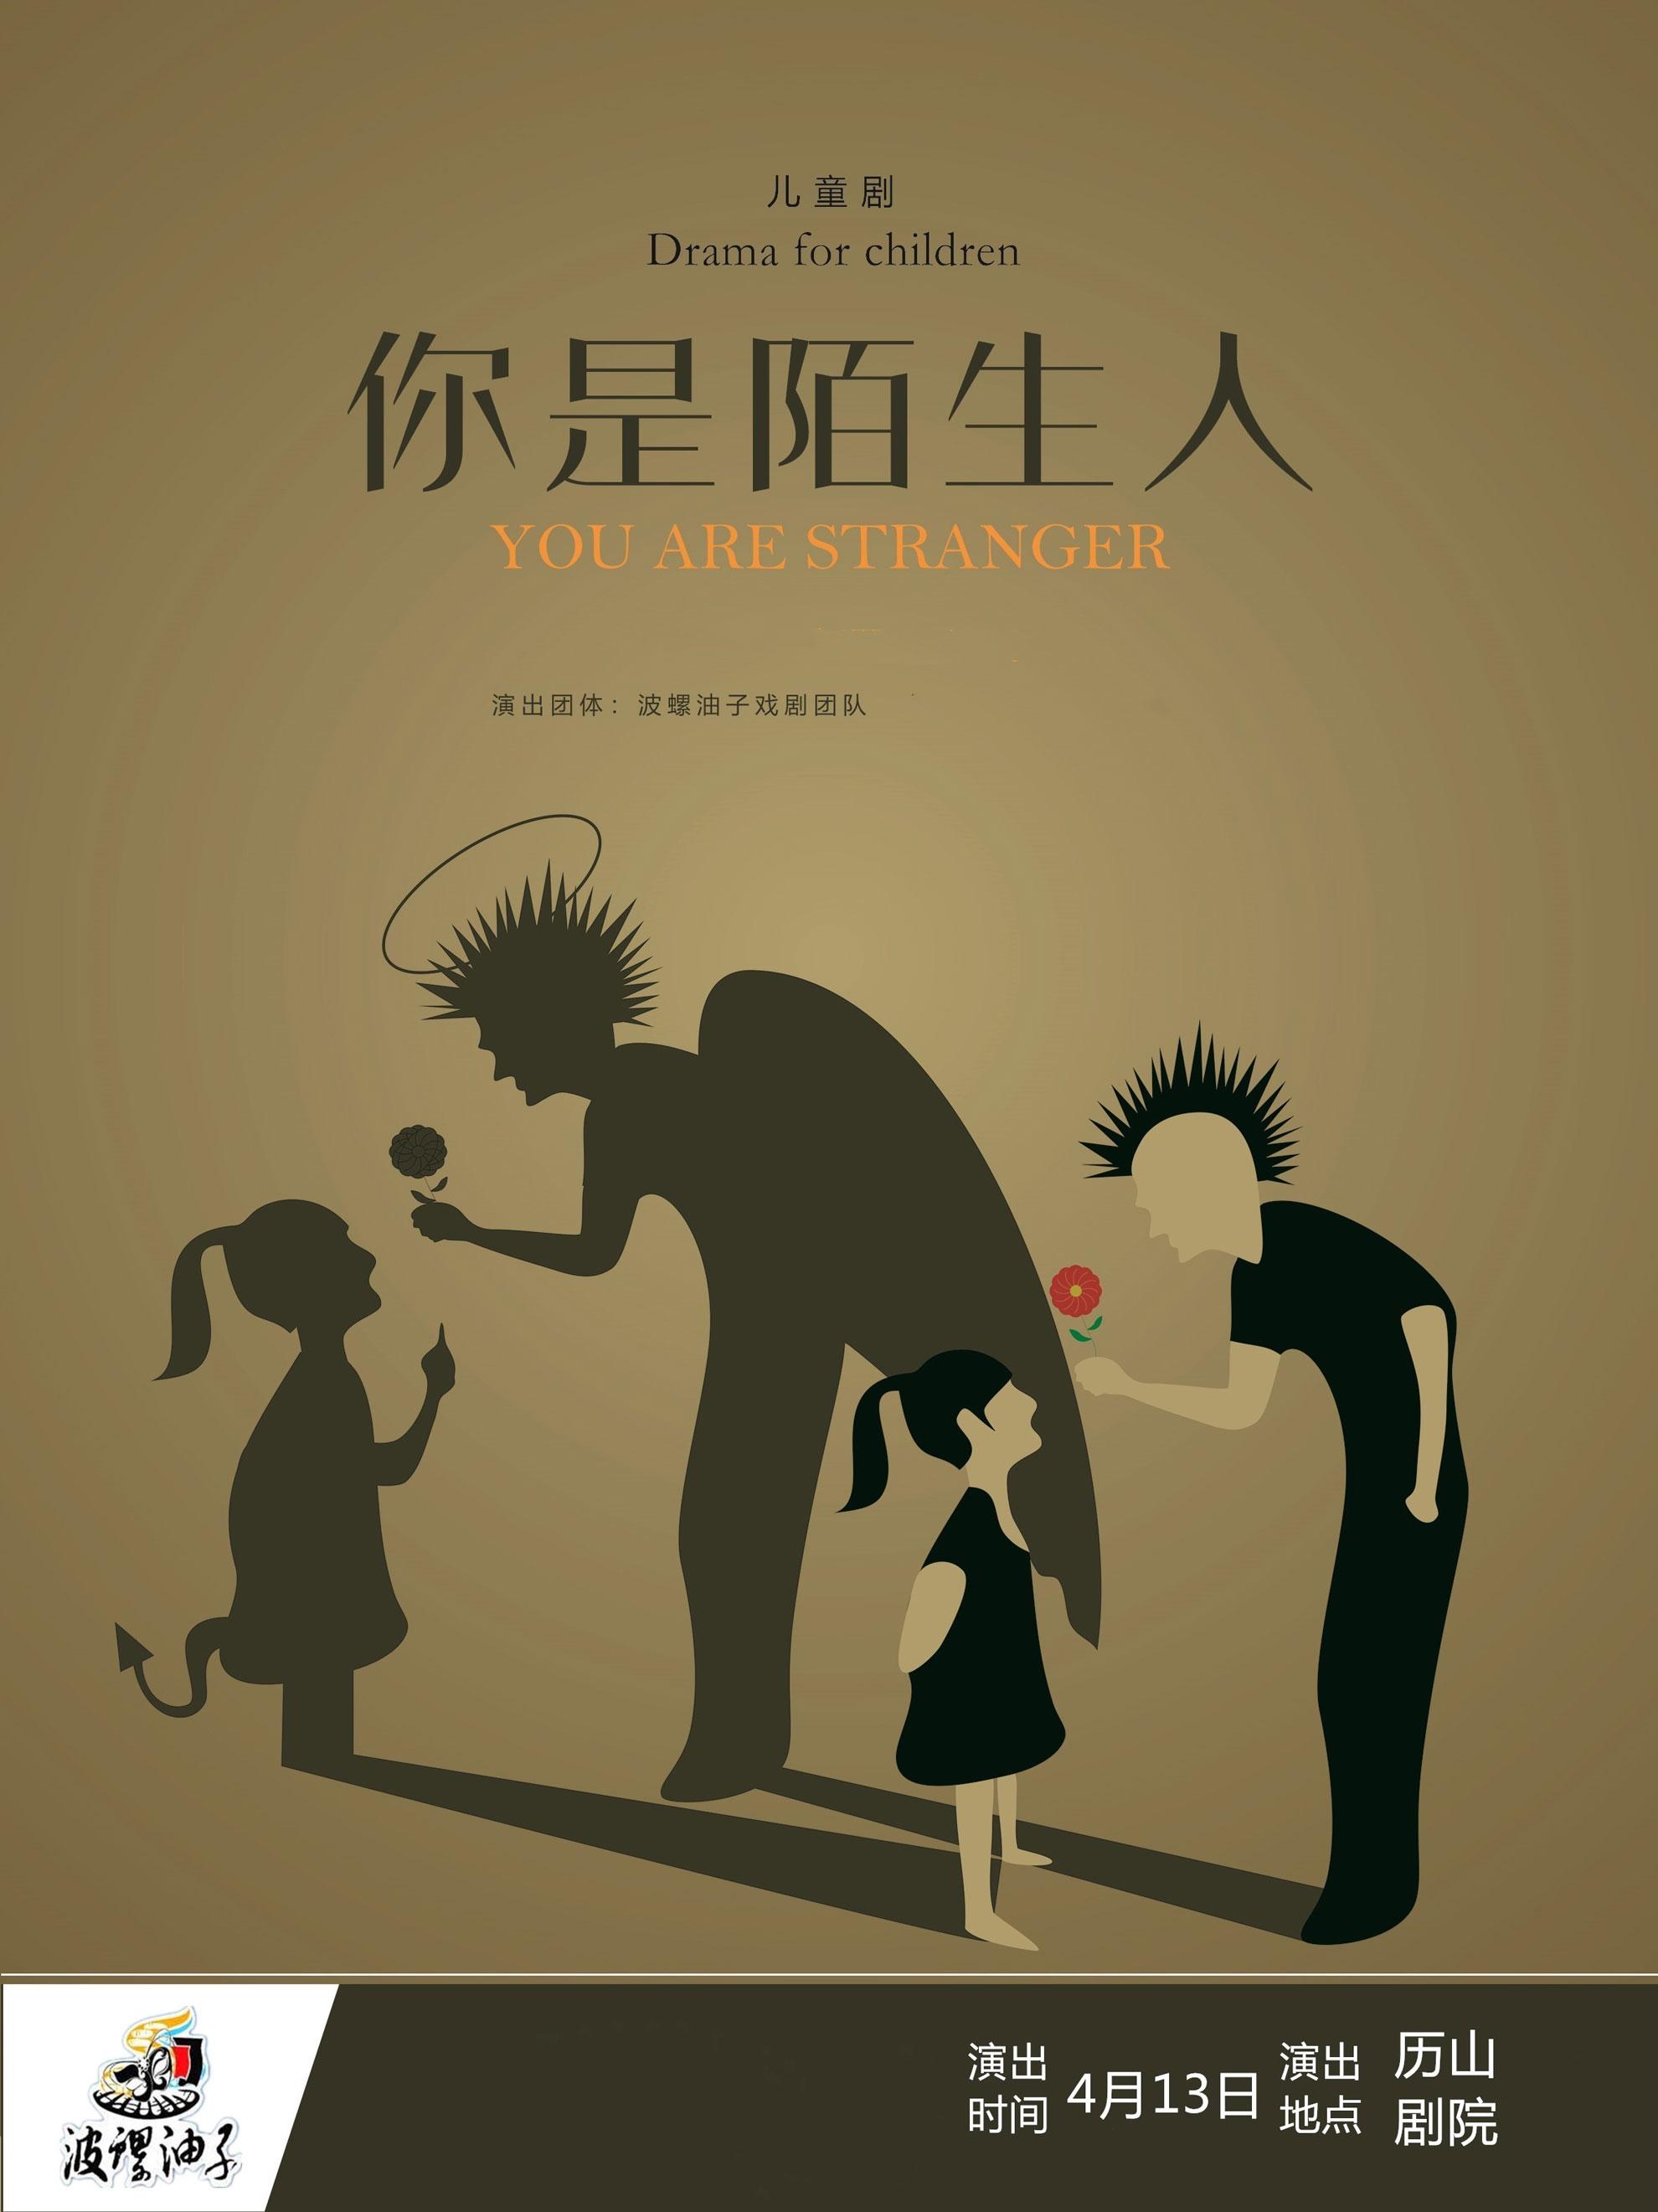 《你是陌生人》济南站